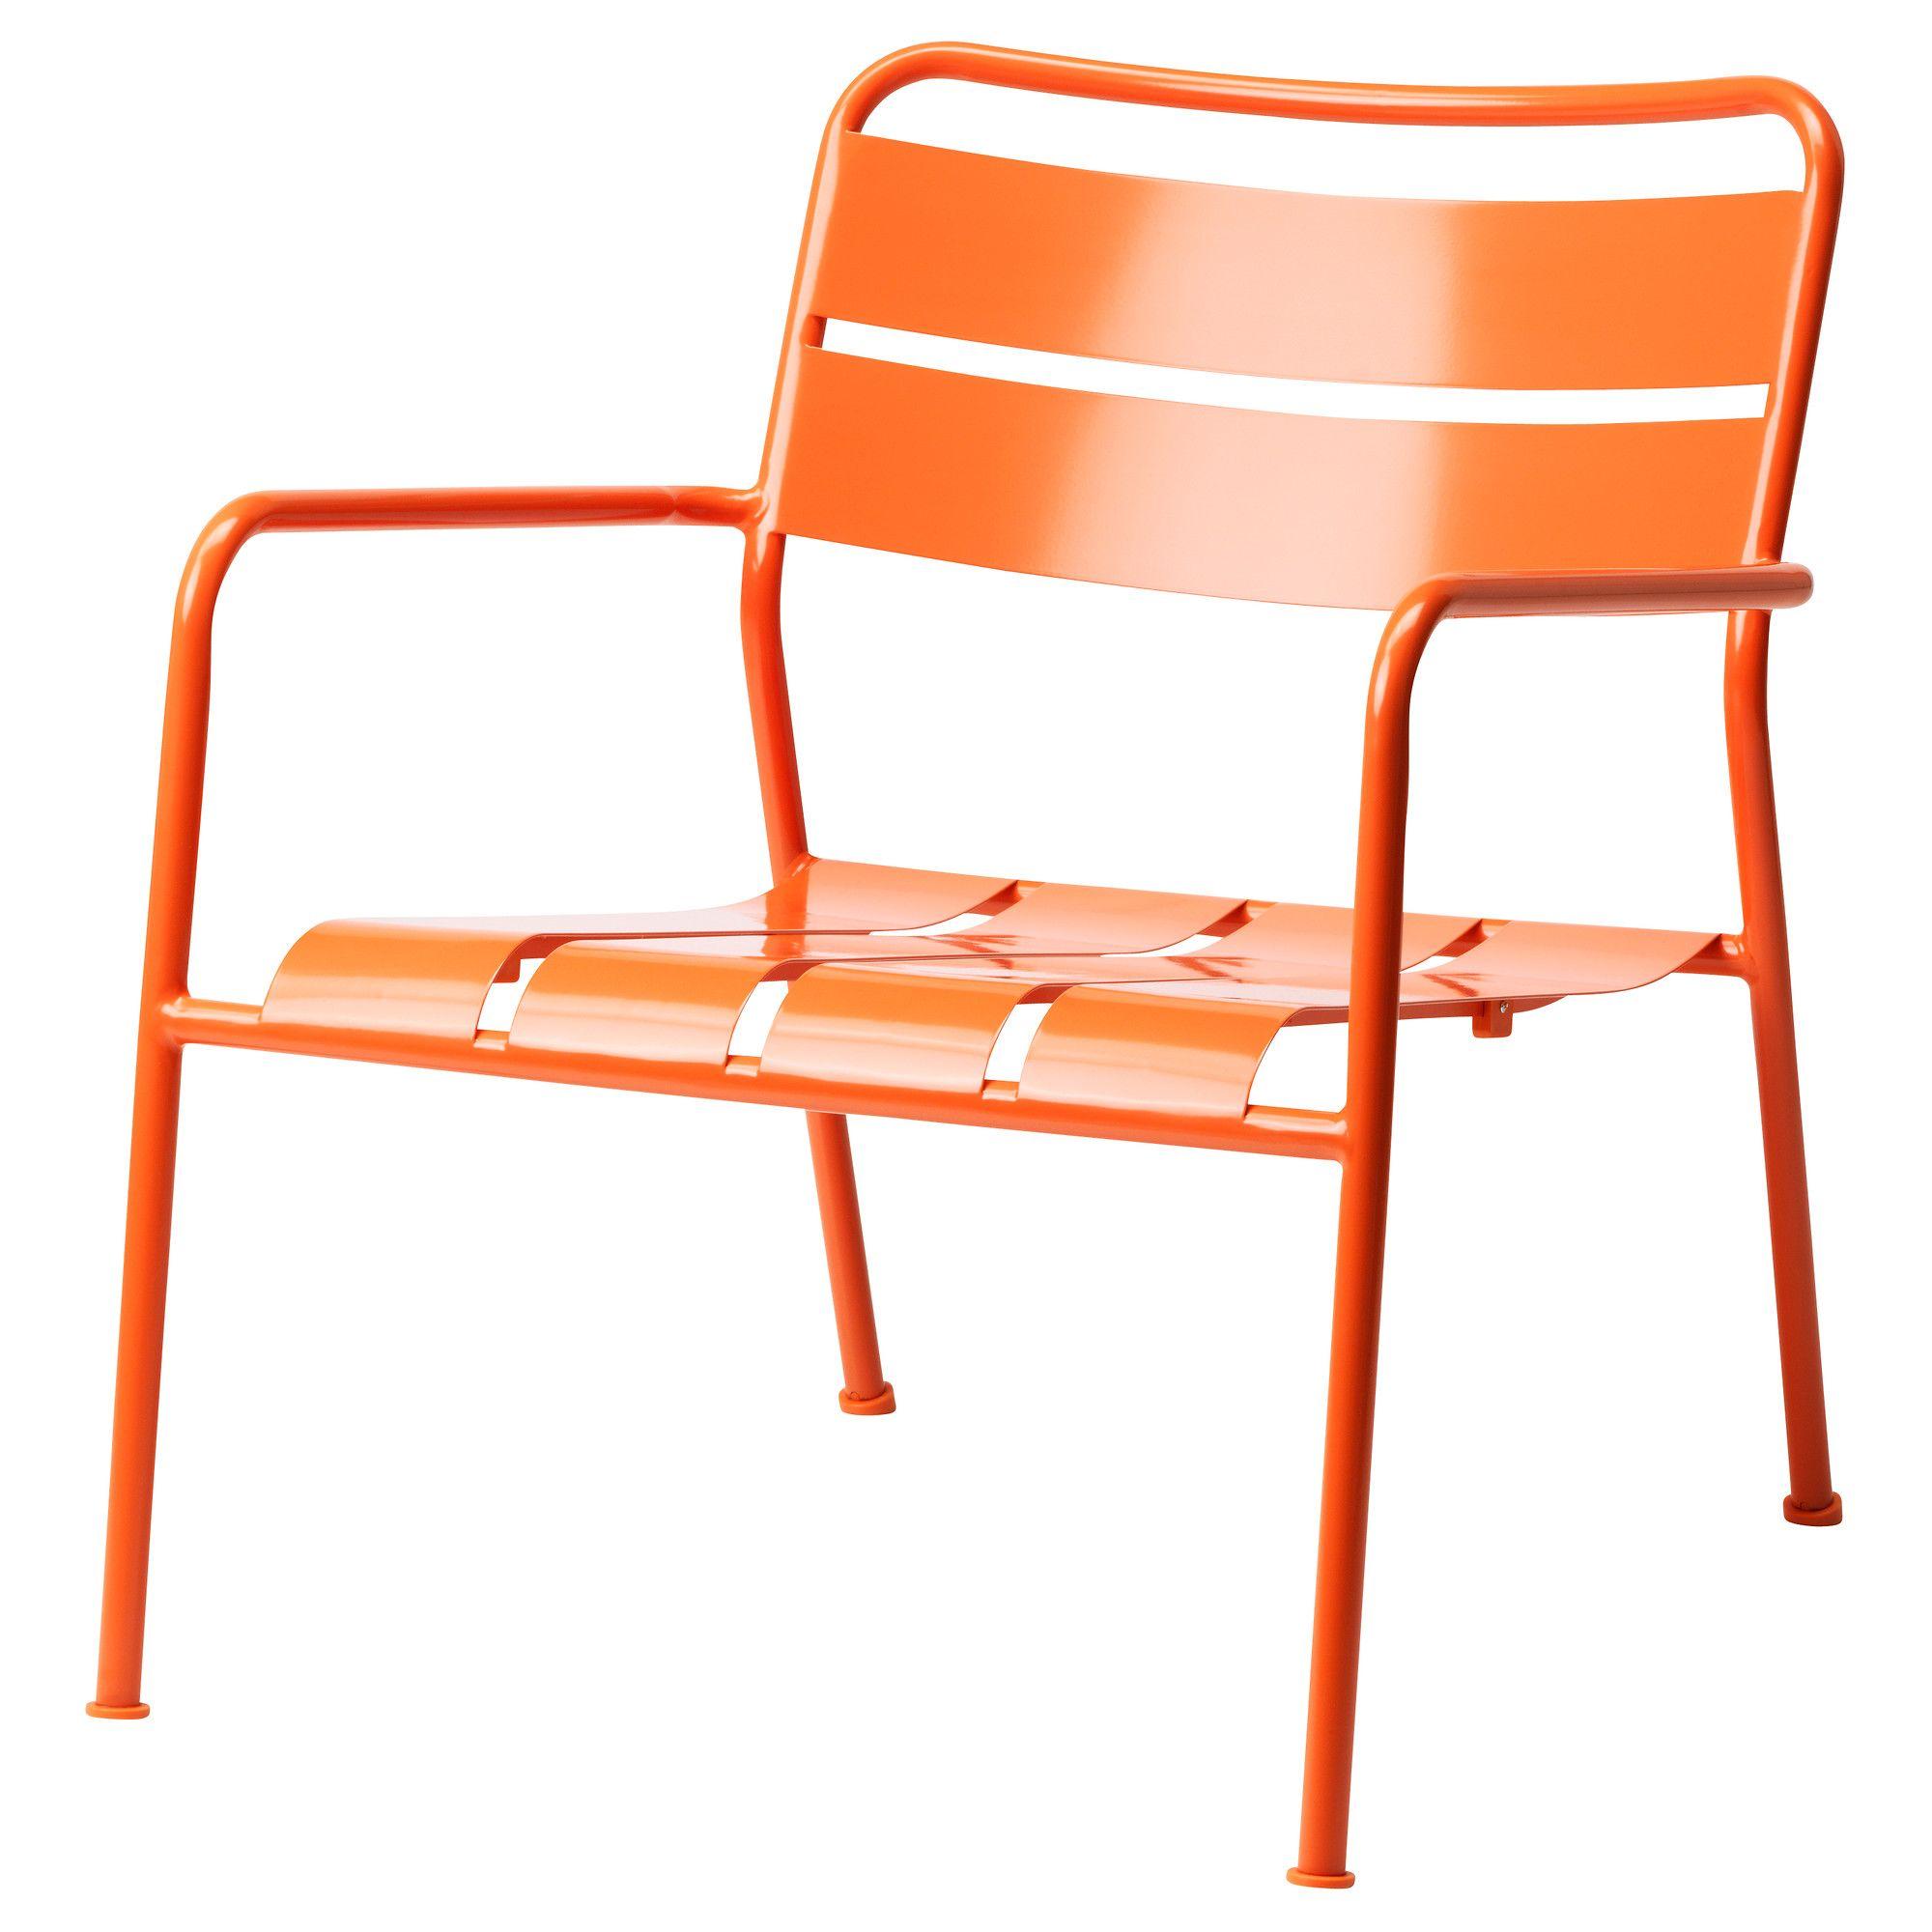 rox tuinstoel oranje ikea huis pinterest sessel. Black Bedroom Furniture Sets. Home Design Ideas